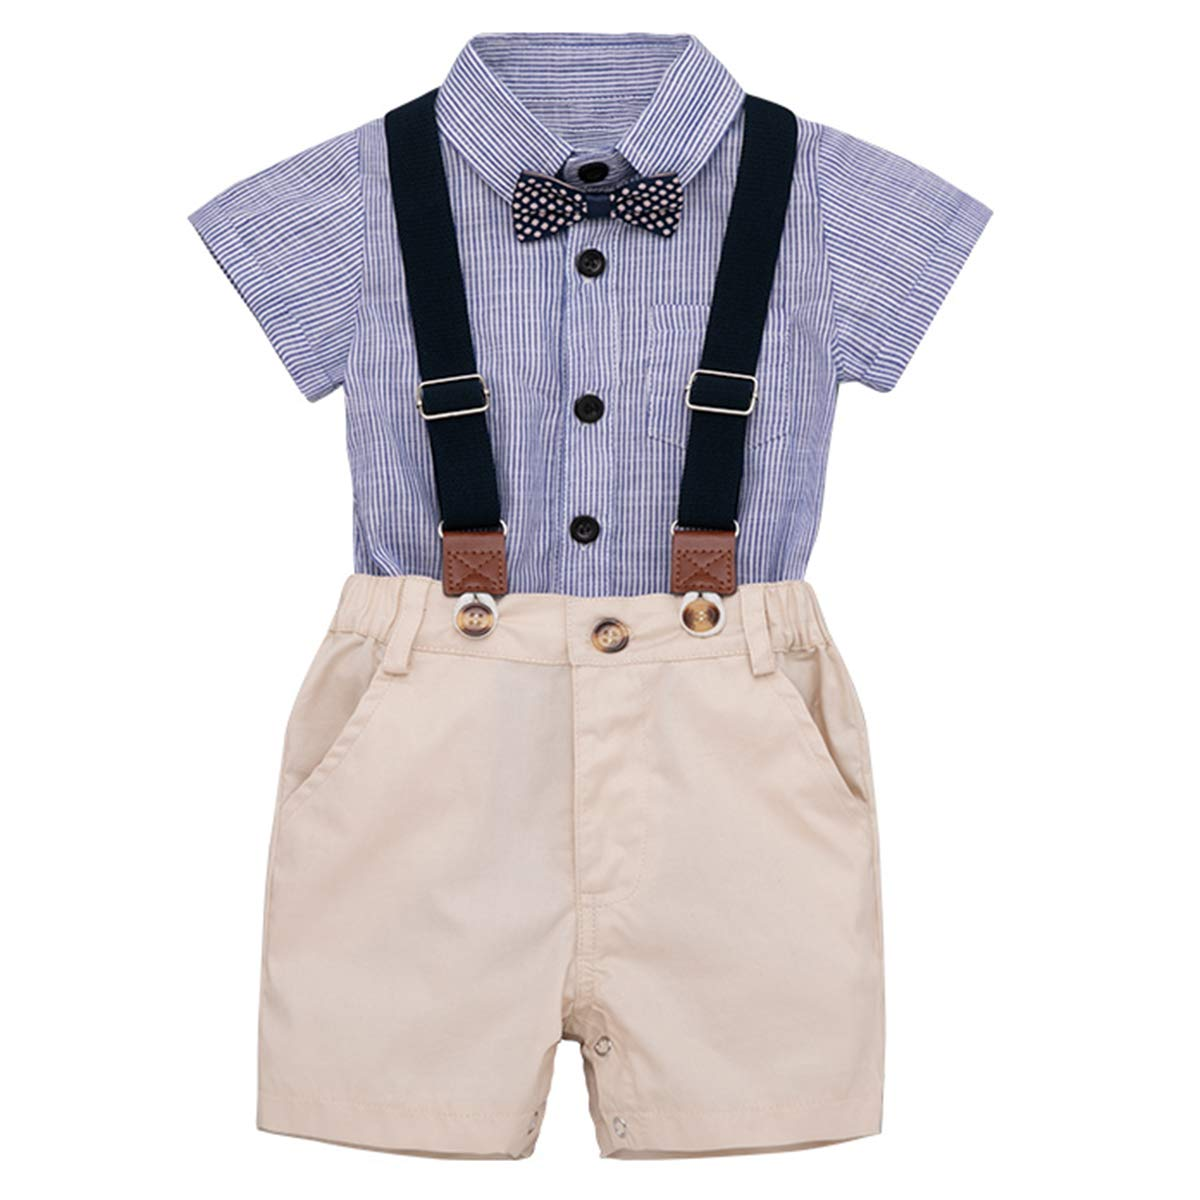 Hosentr/äger Shorts Hosen Kleidung eingestellt Chennie 0-24m S/äugling Baby Jungen Fliege Strampler